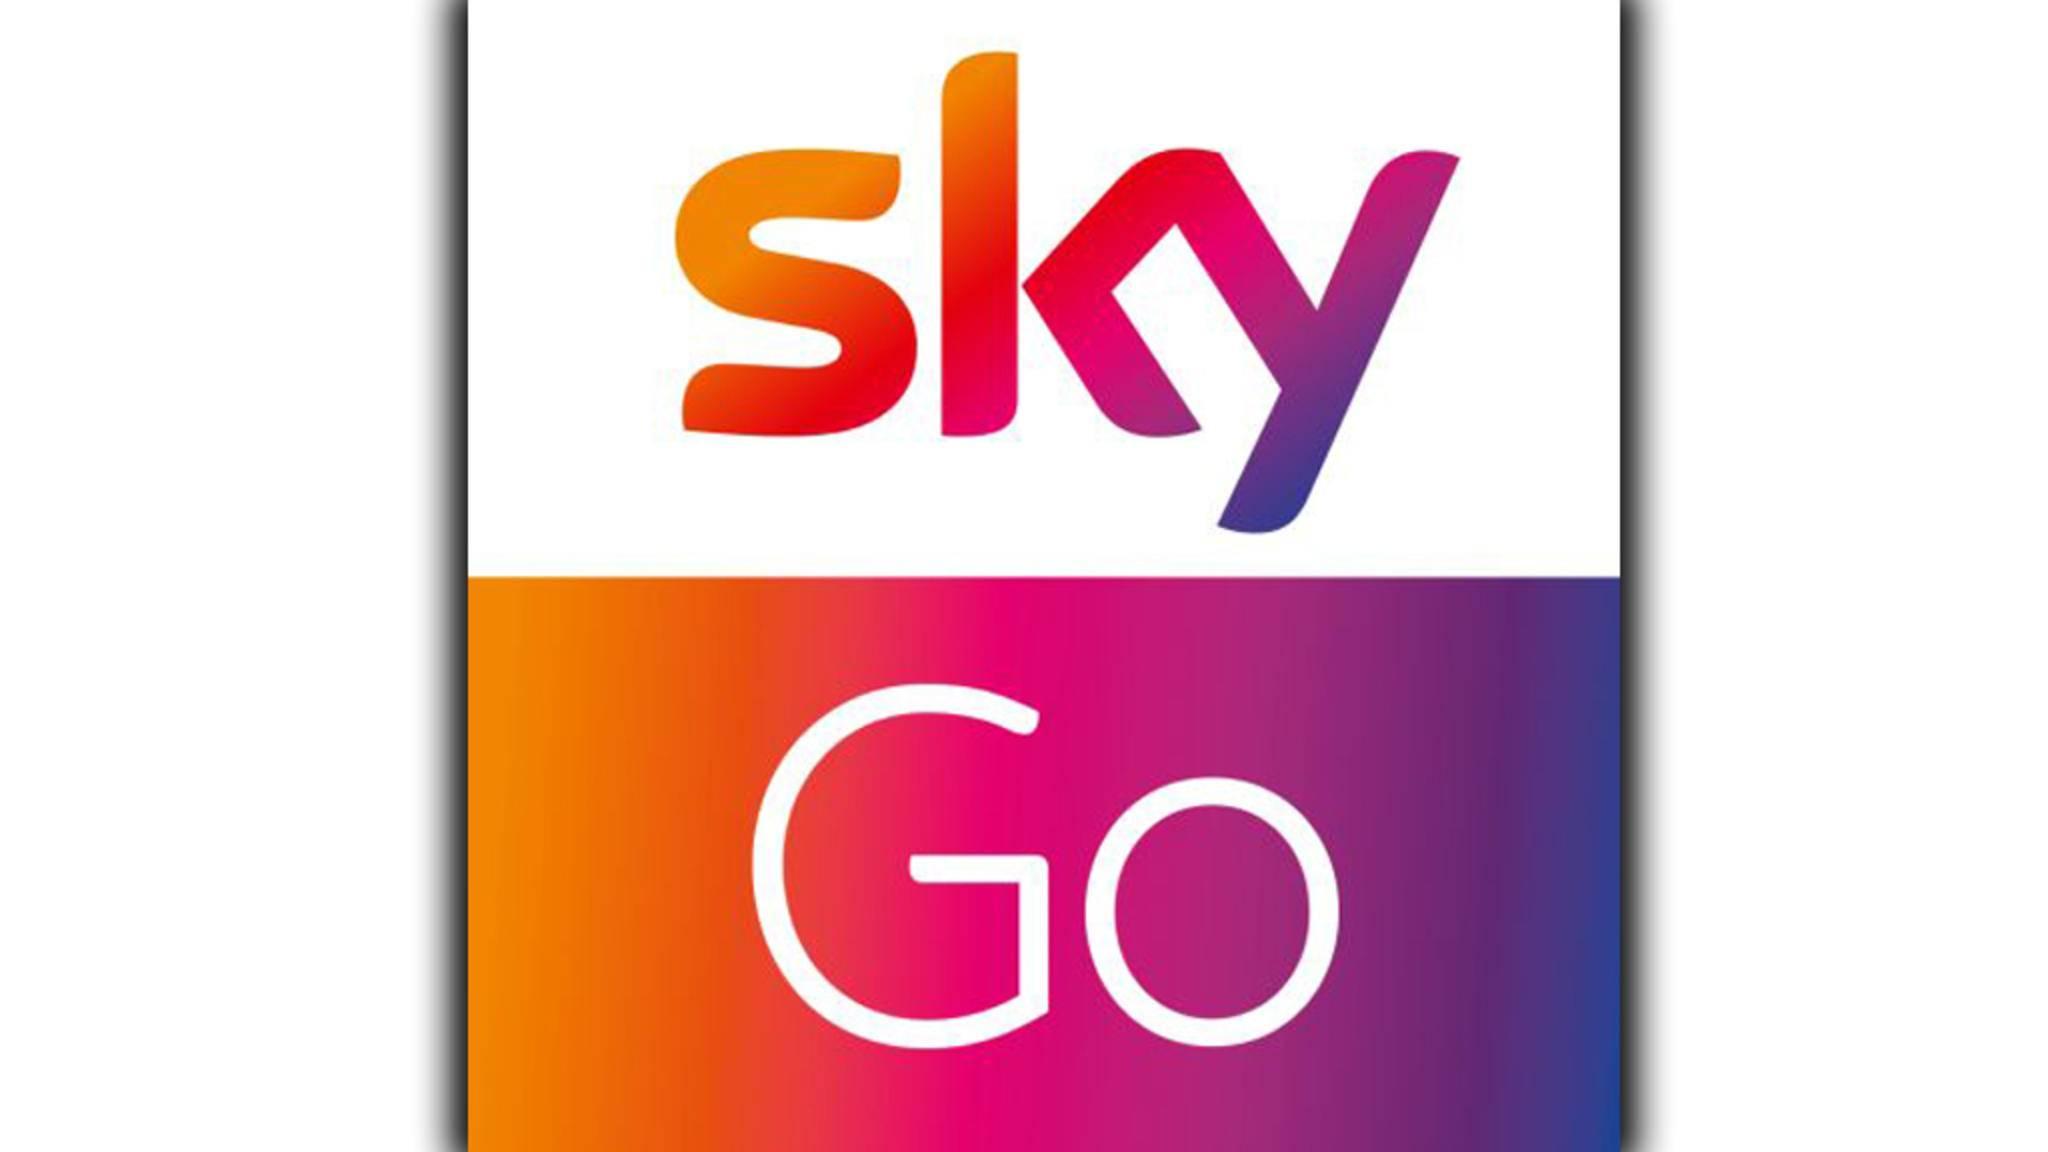 Mit Sky Go kannst Du Deine Lieblingsserien und -filme überall und jederzeit abrufen. Aber fallen dabei monatliche Kosten an?